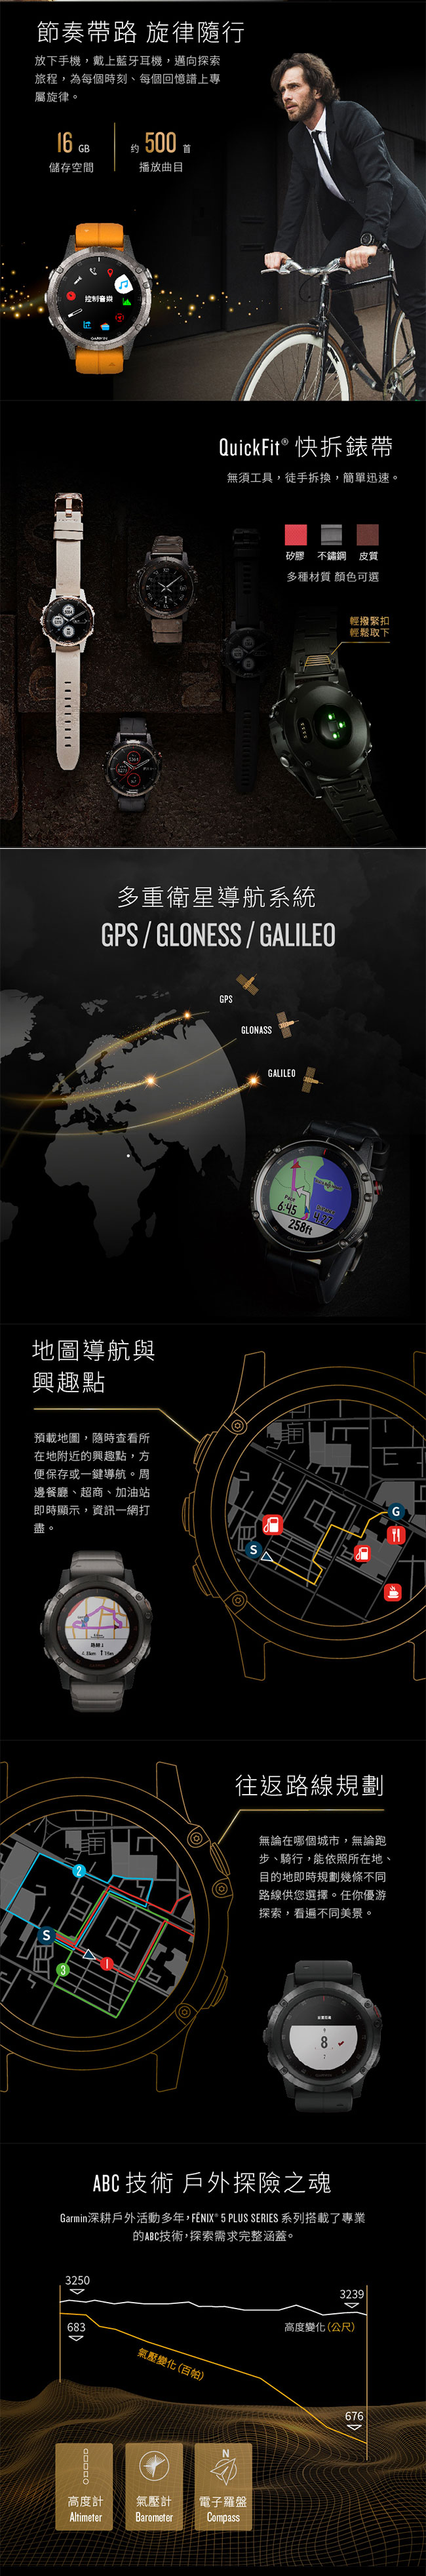 GARMIN fenix 5X Plus 行動支付音樂GPS複合式心率腕錶